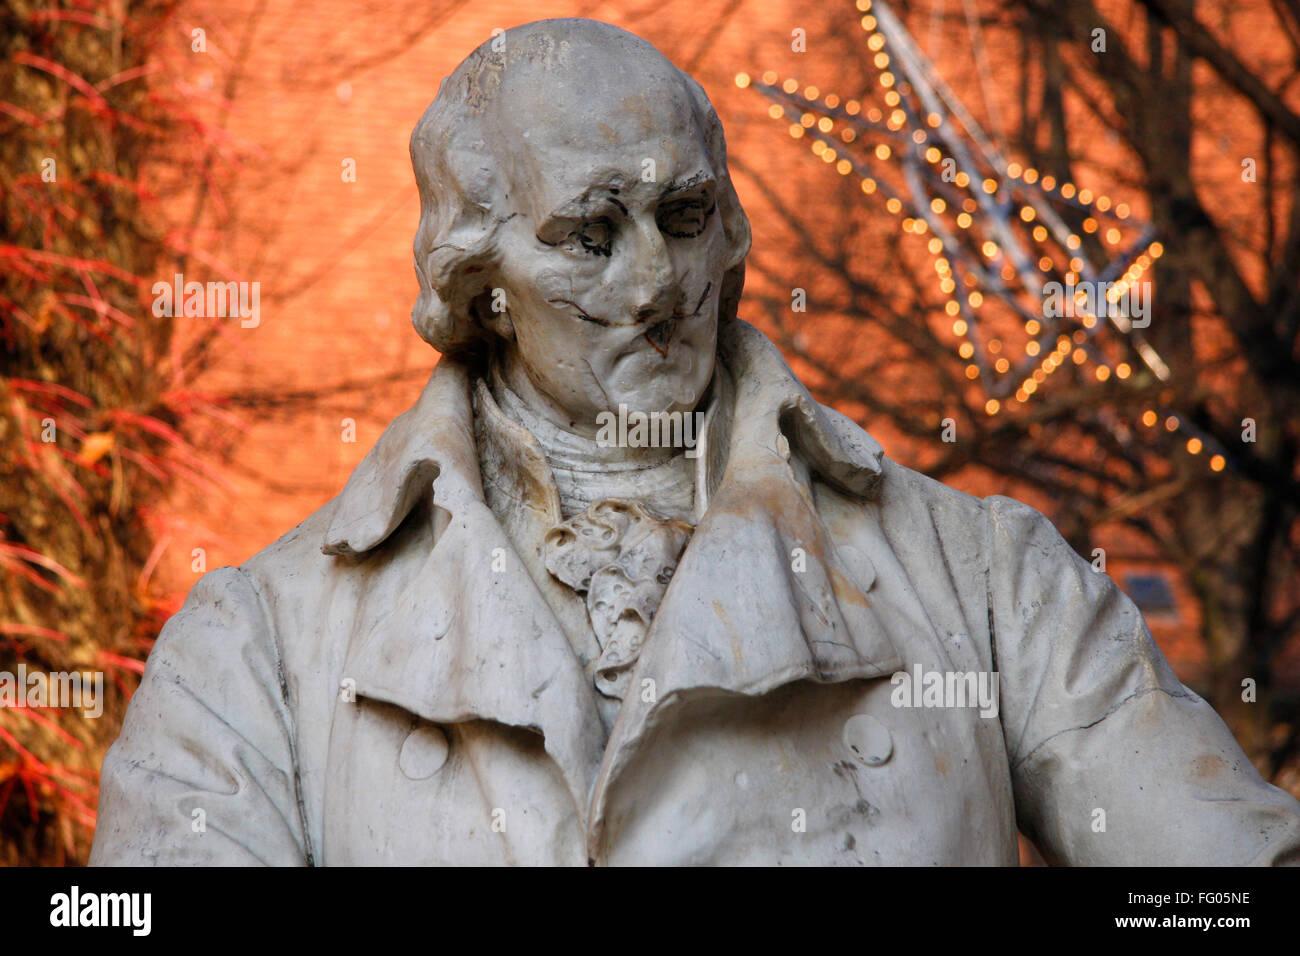 Denkmal: Freiherr von Stein, Berlin-Spandau. Stockbild